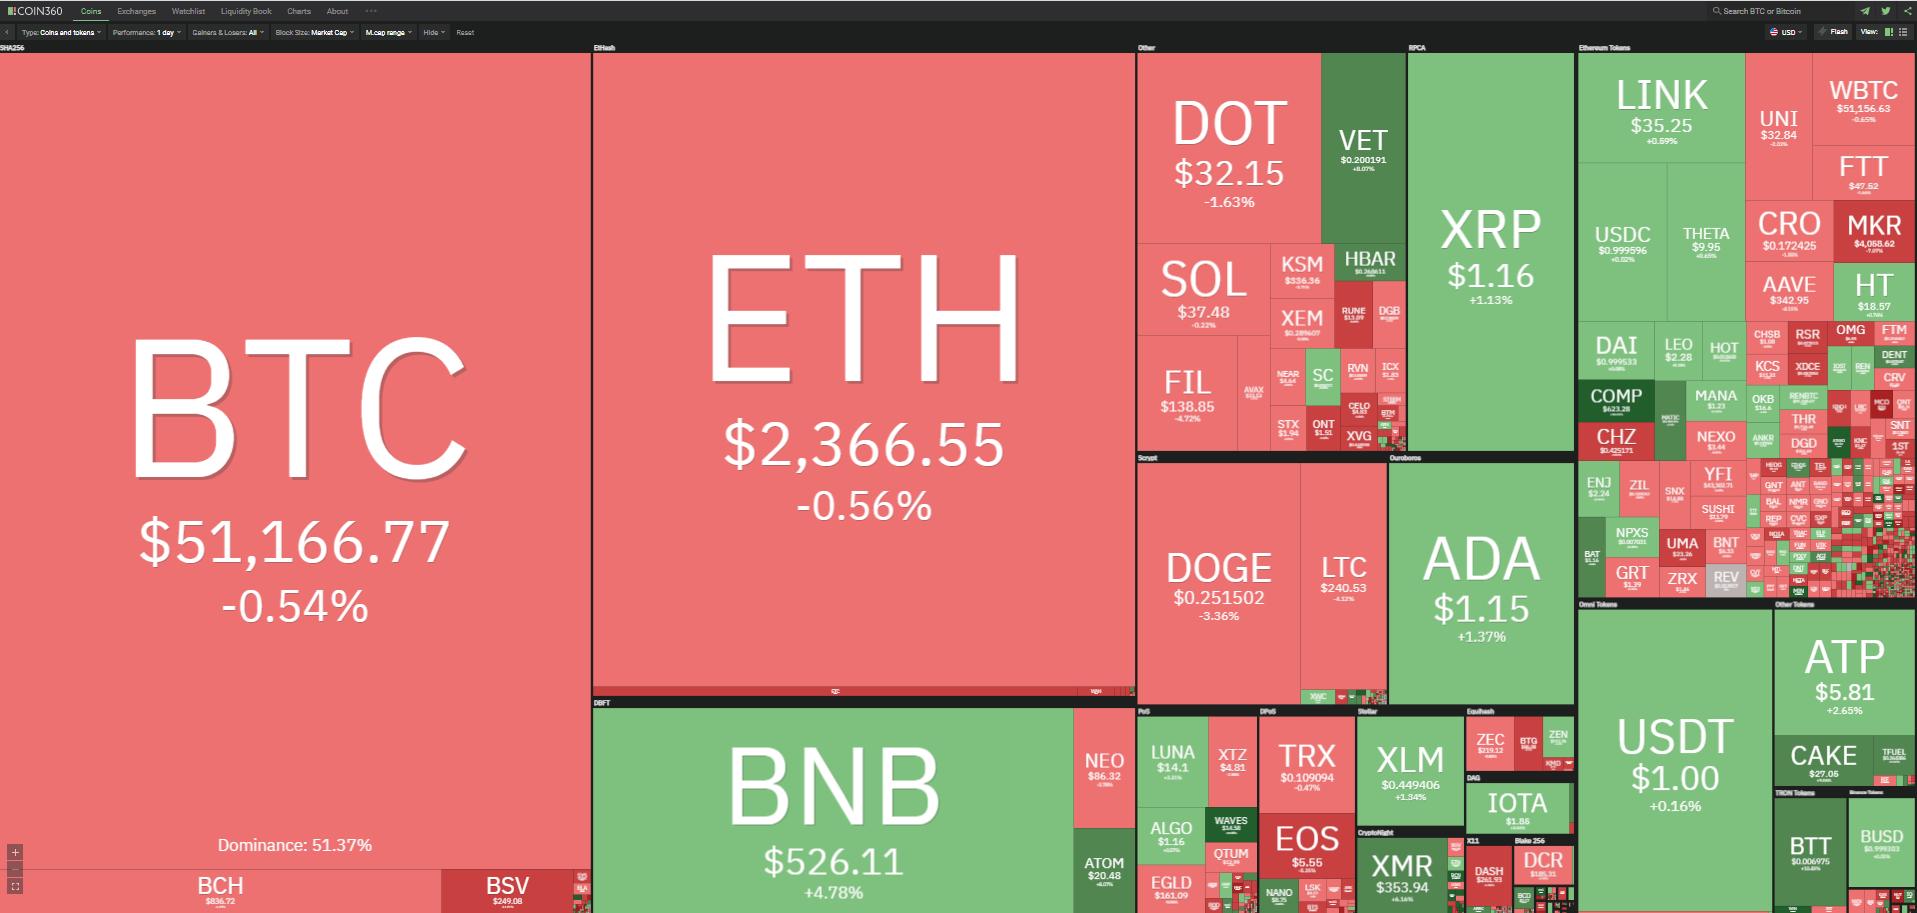 Toàn cảnh thị trường tiền kĩ thuật số ngày 24/4/2021. (Ảnh: Coin360.com).